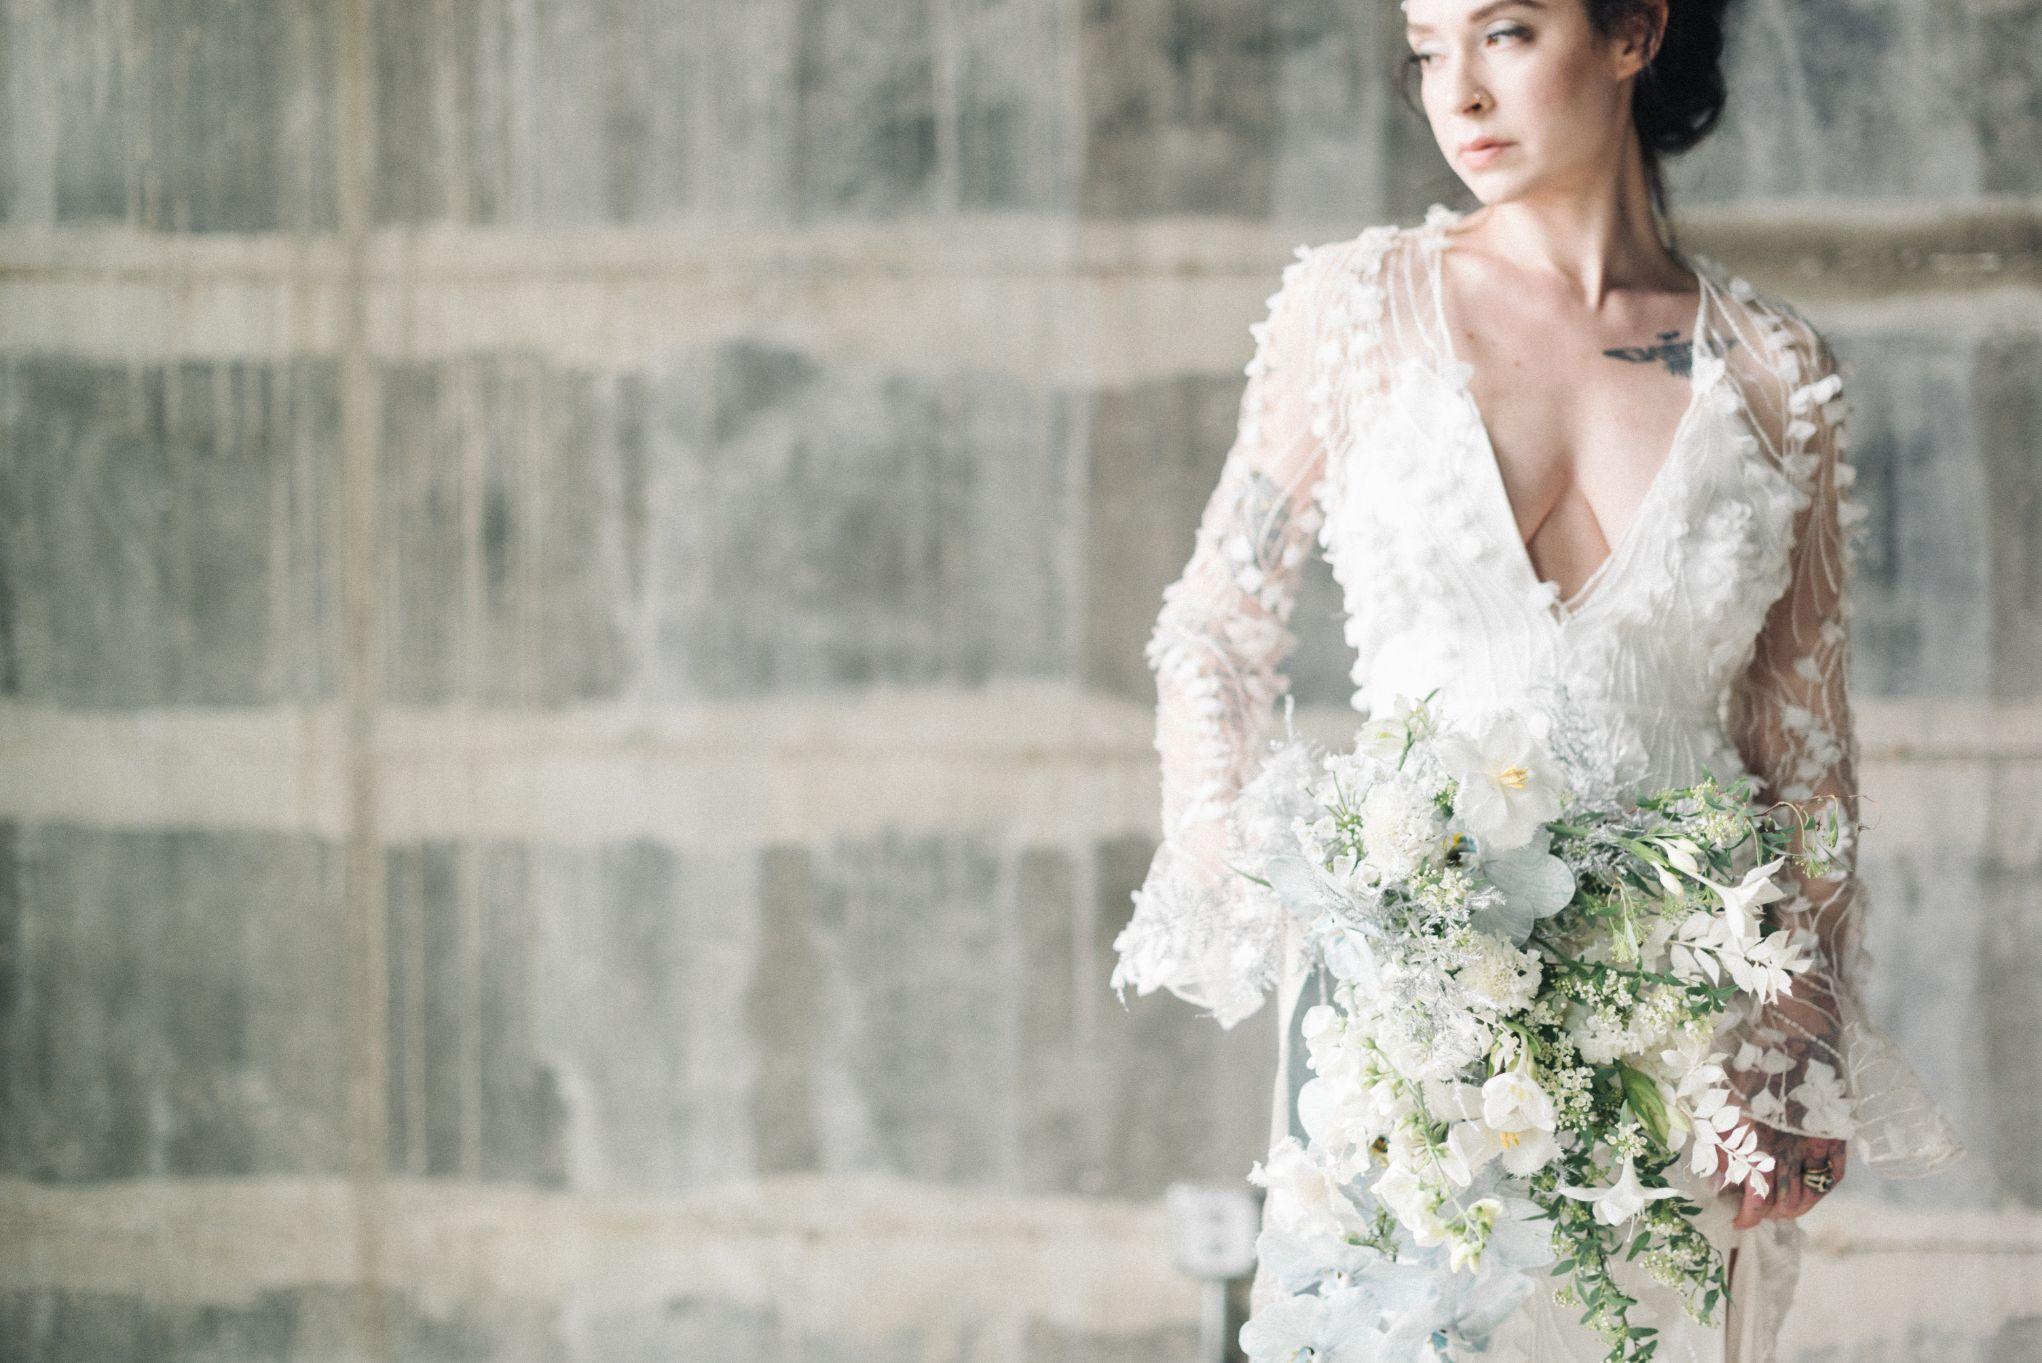 olio-peabody-boston-lesbian-wedding-style-daylynn-designs52.jpg